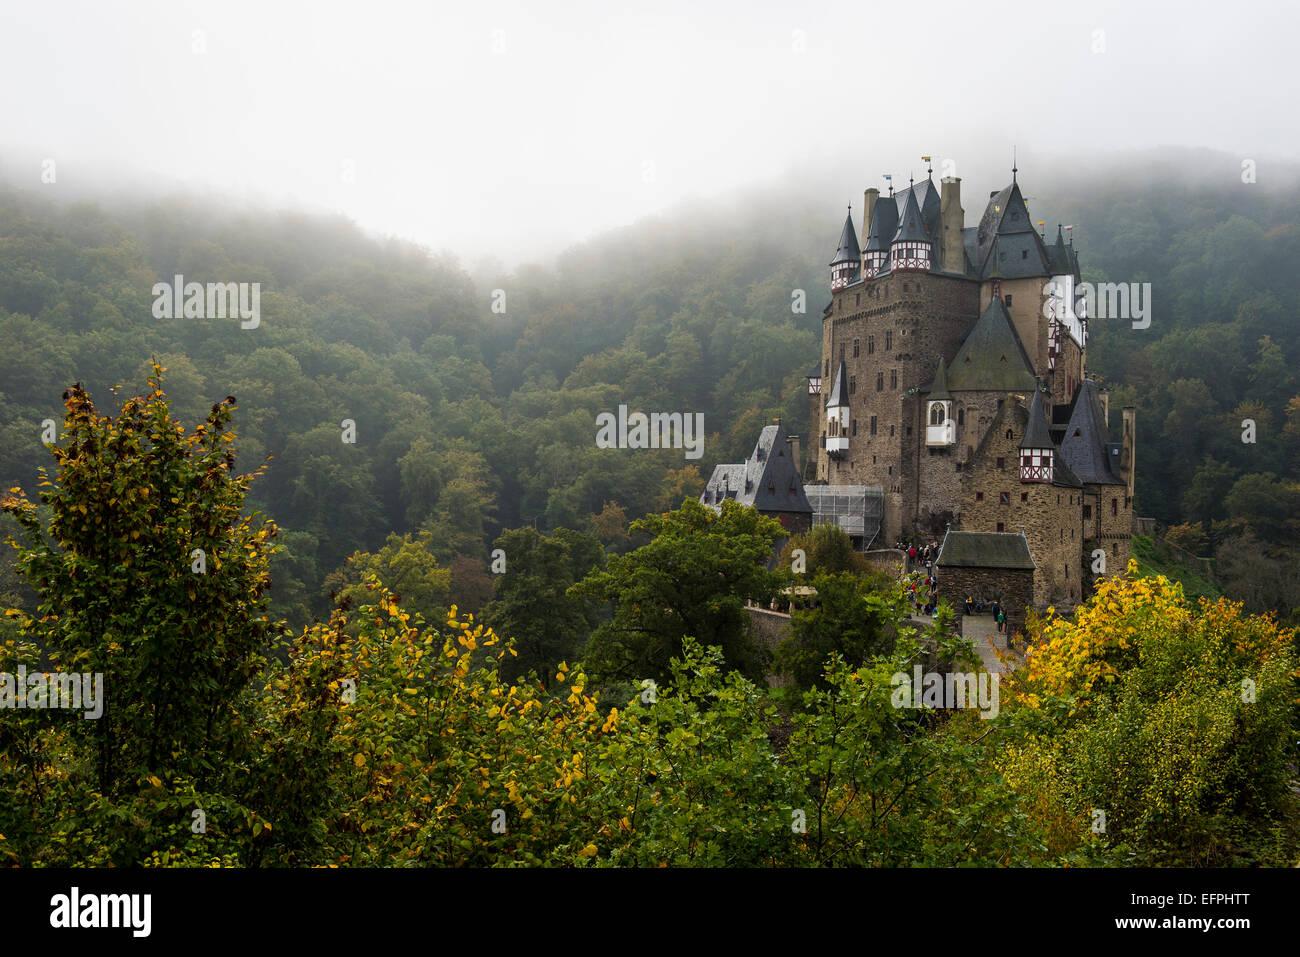 Fairytale castle Eltz near the Moselle Valley, Rhineland-Palatinate, Germany, Europe - Stock Image